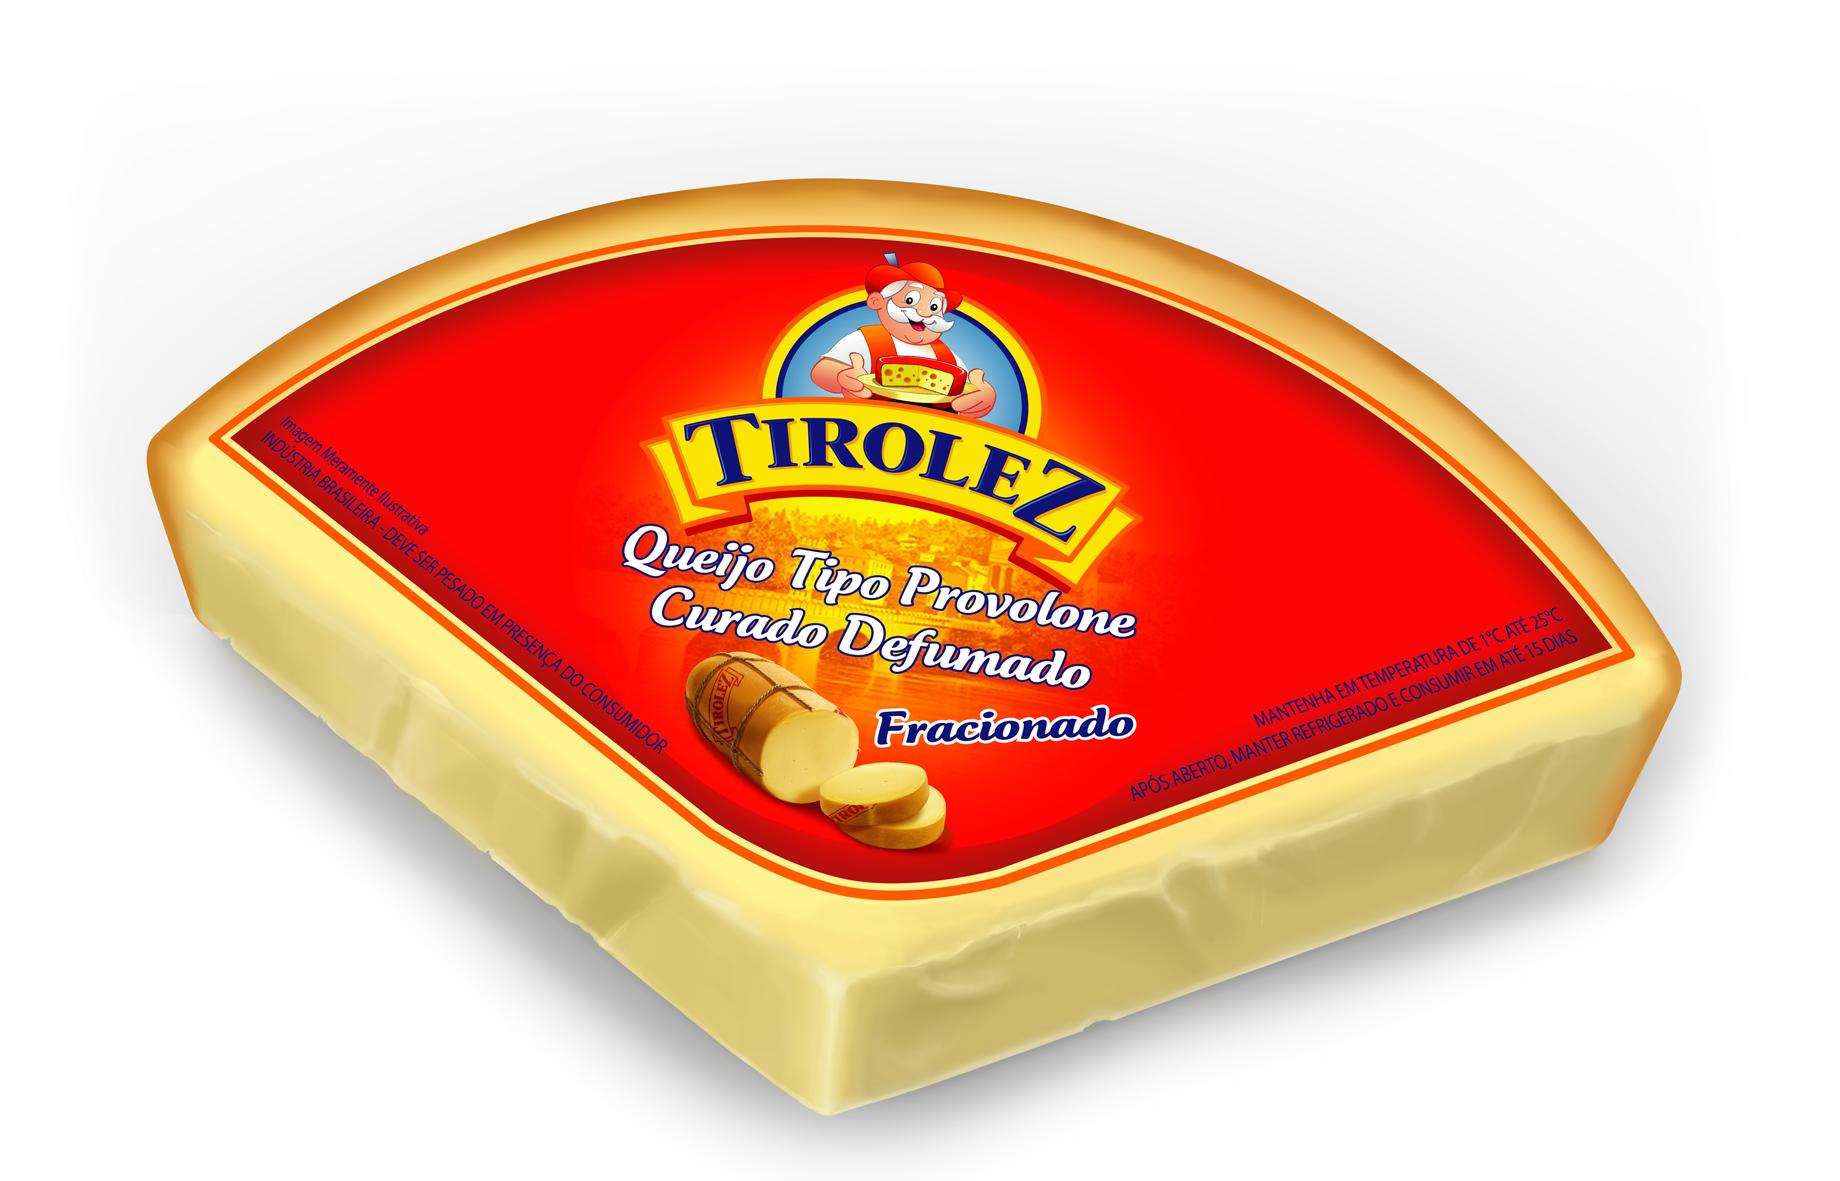 Tirolez_Provolone-Fracionado_APAS-2015-2